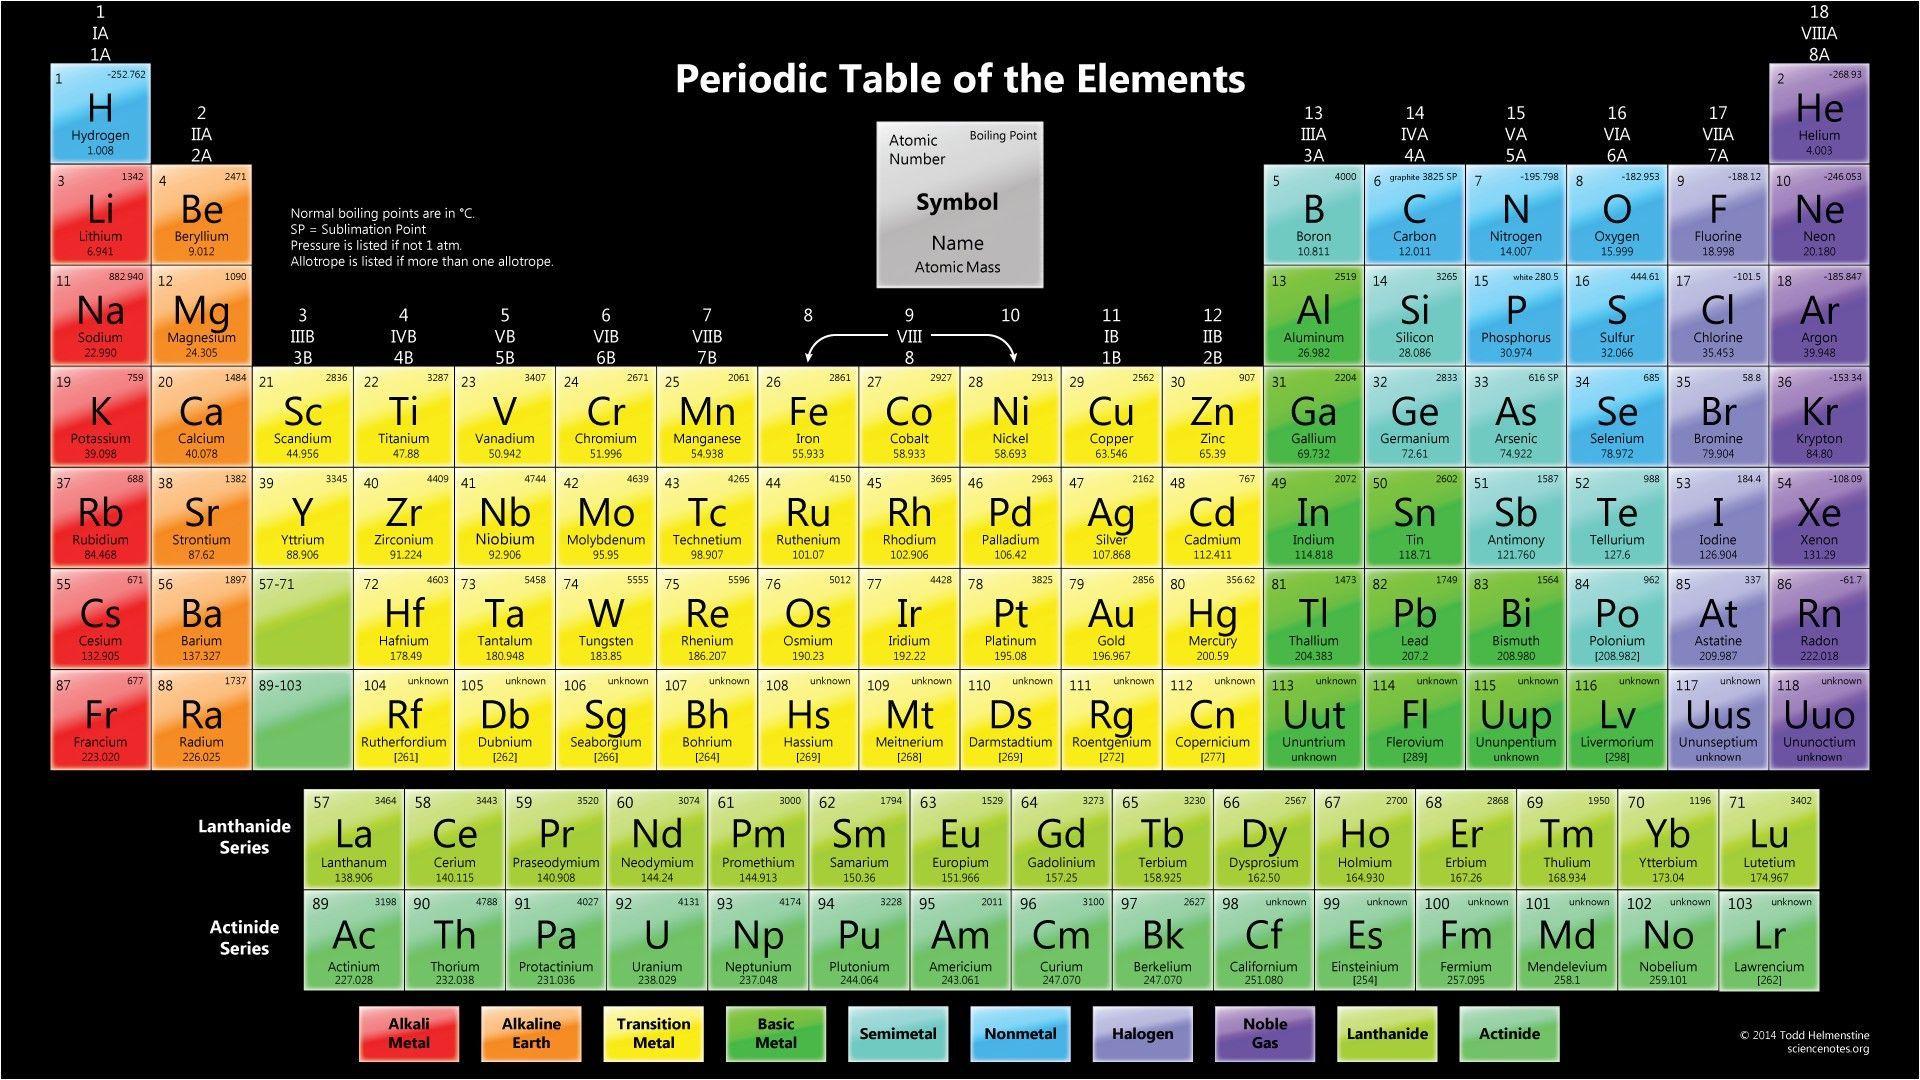 Японци ще синтезират 119-и химичен елемент